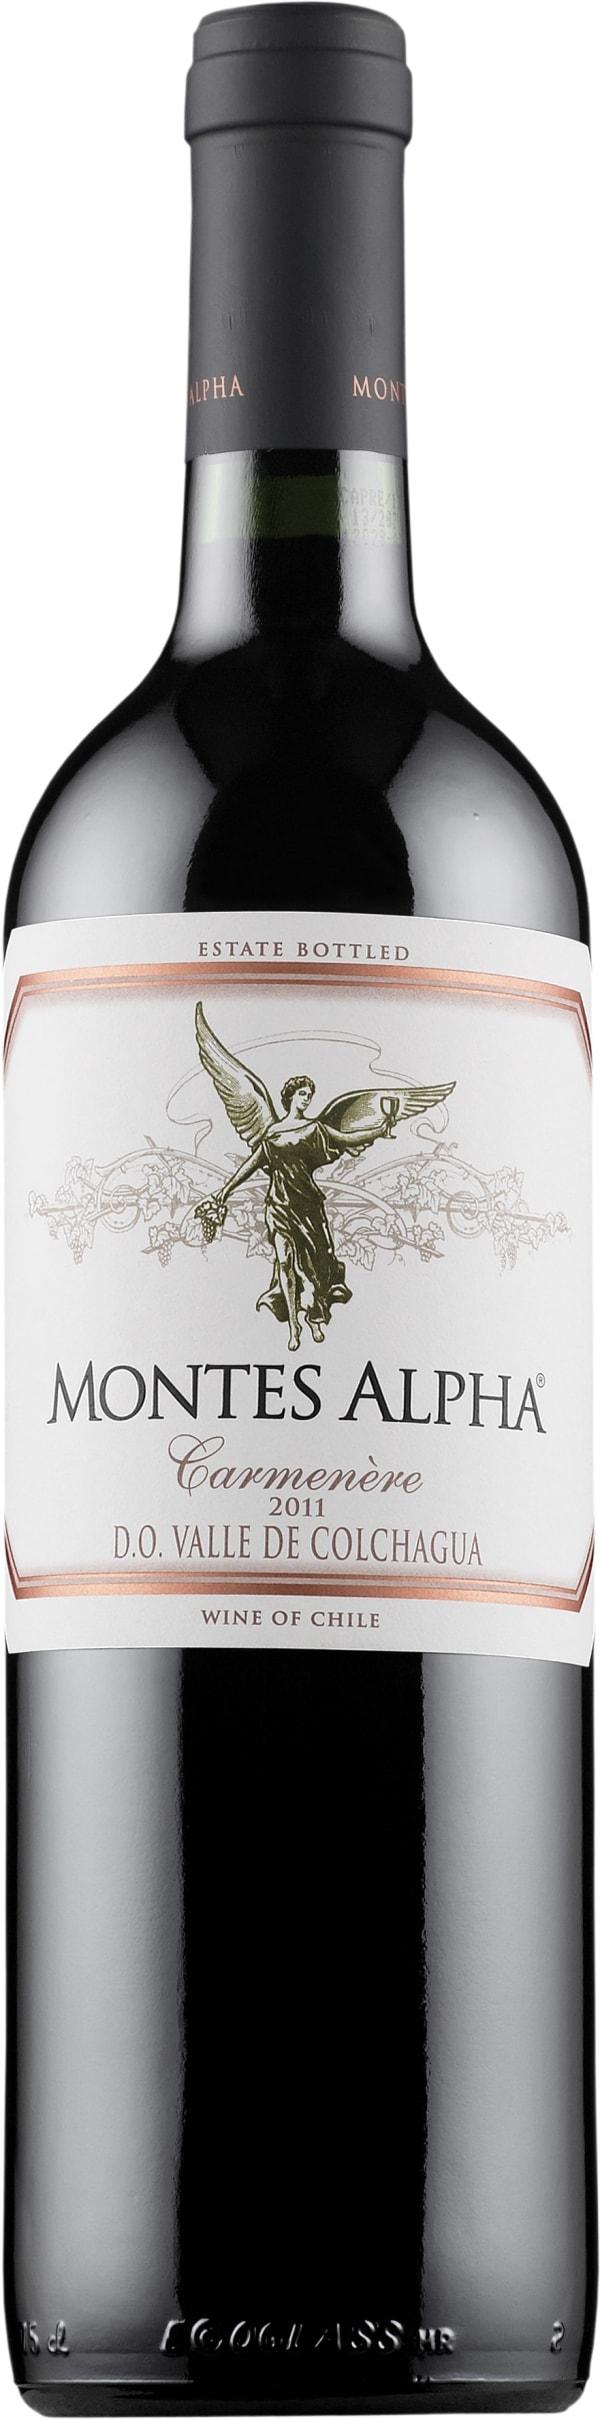 Montes Alpha Carmenère 2013